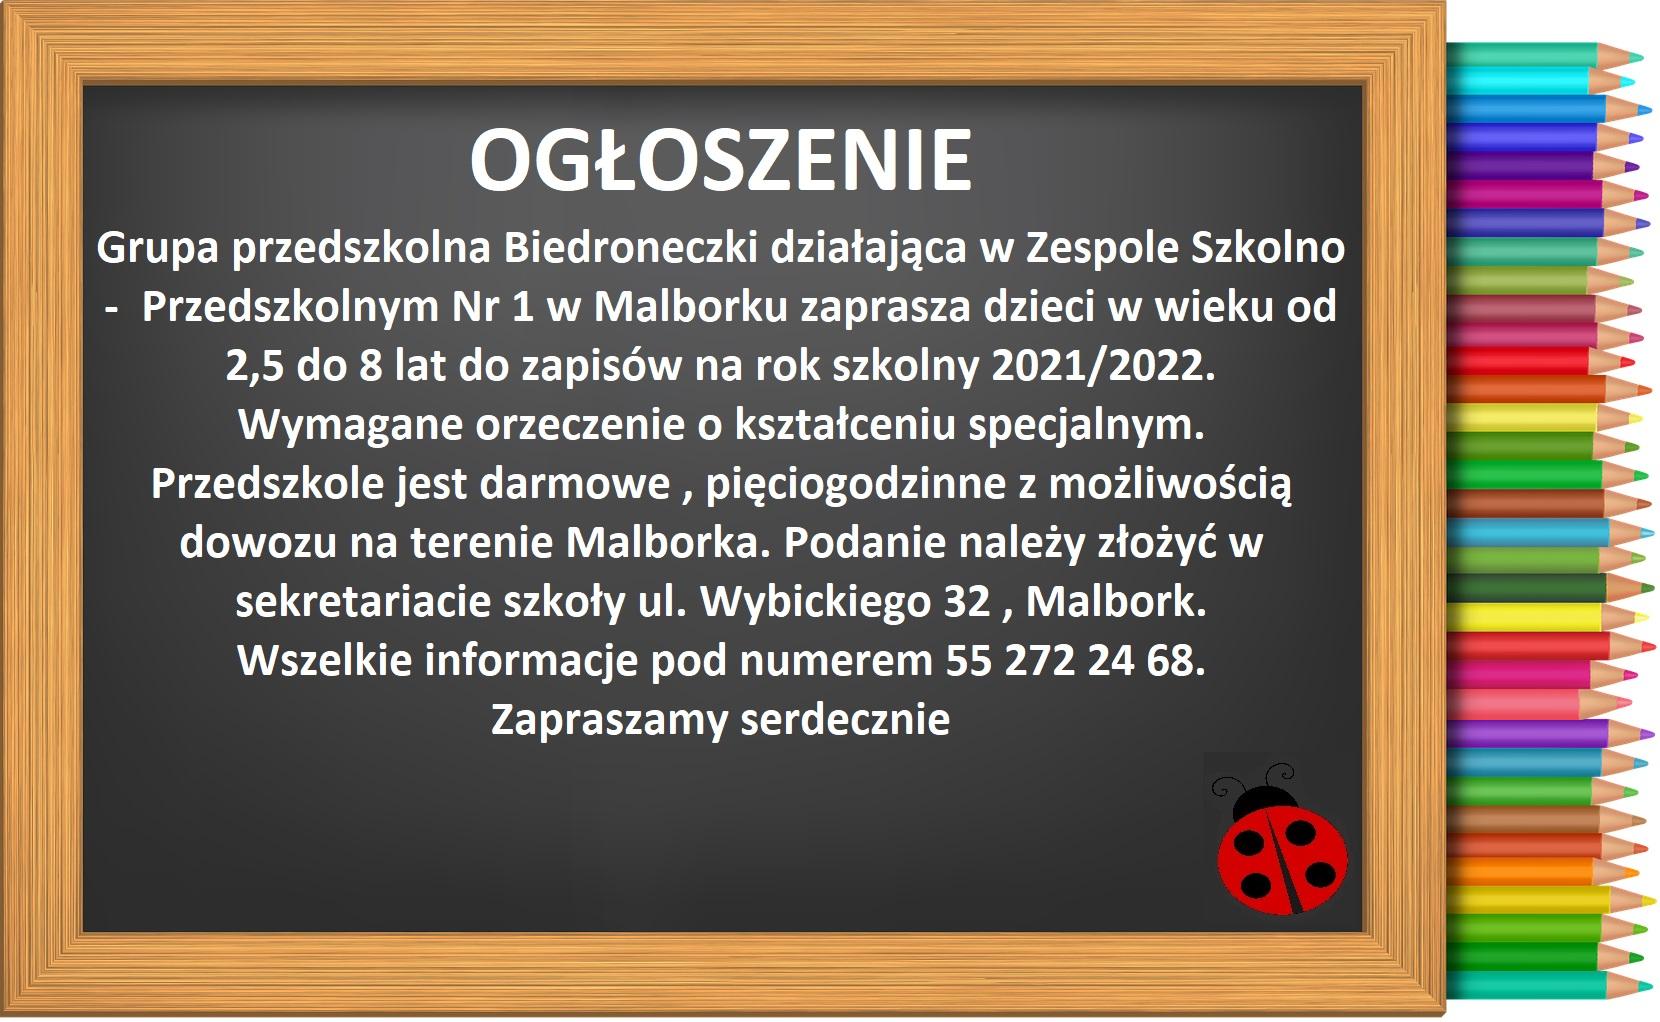 http://m.82-200.pl/2021/03/orig/ogloszenie-nabor-biedroneczki-6943.jpg